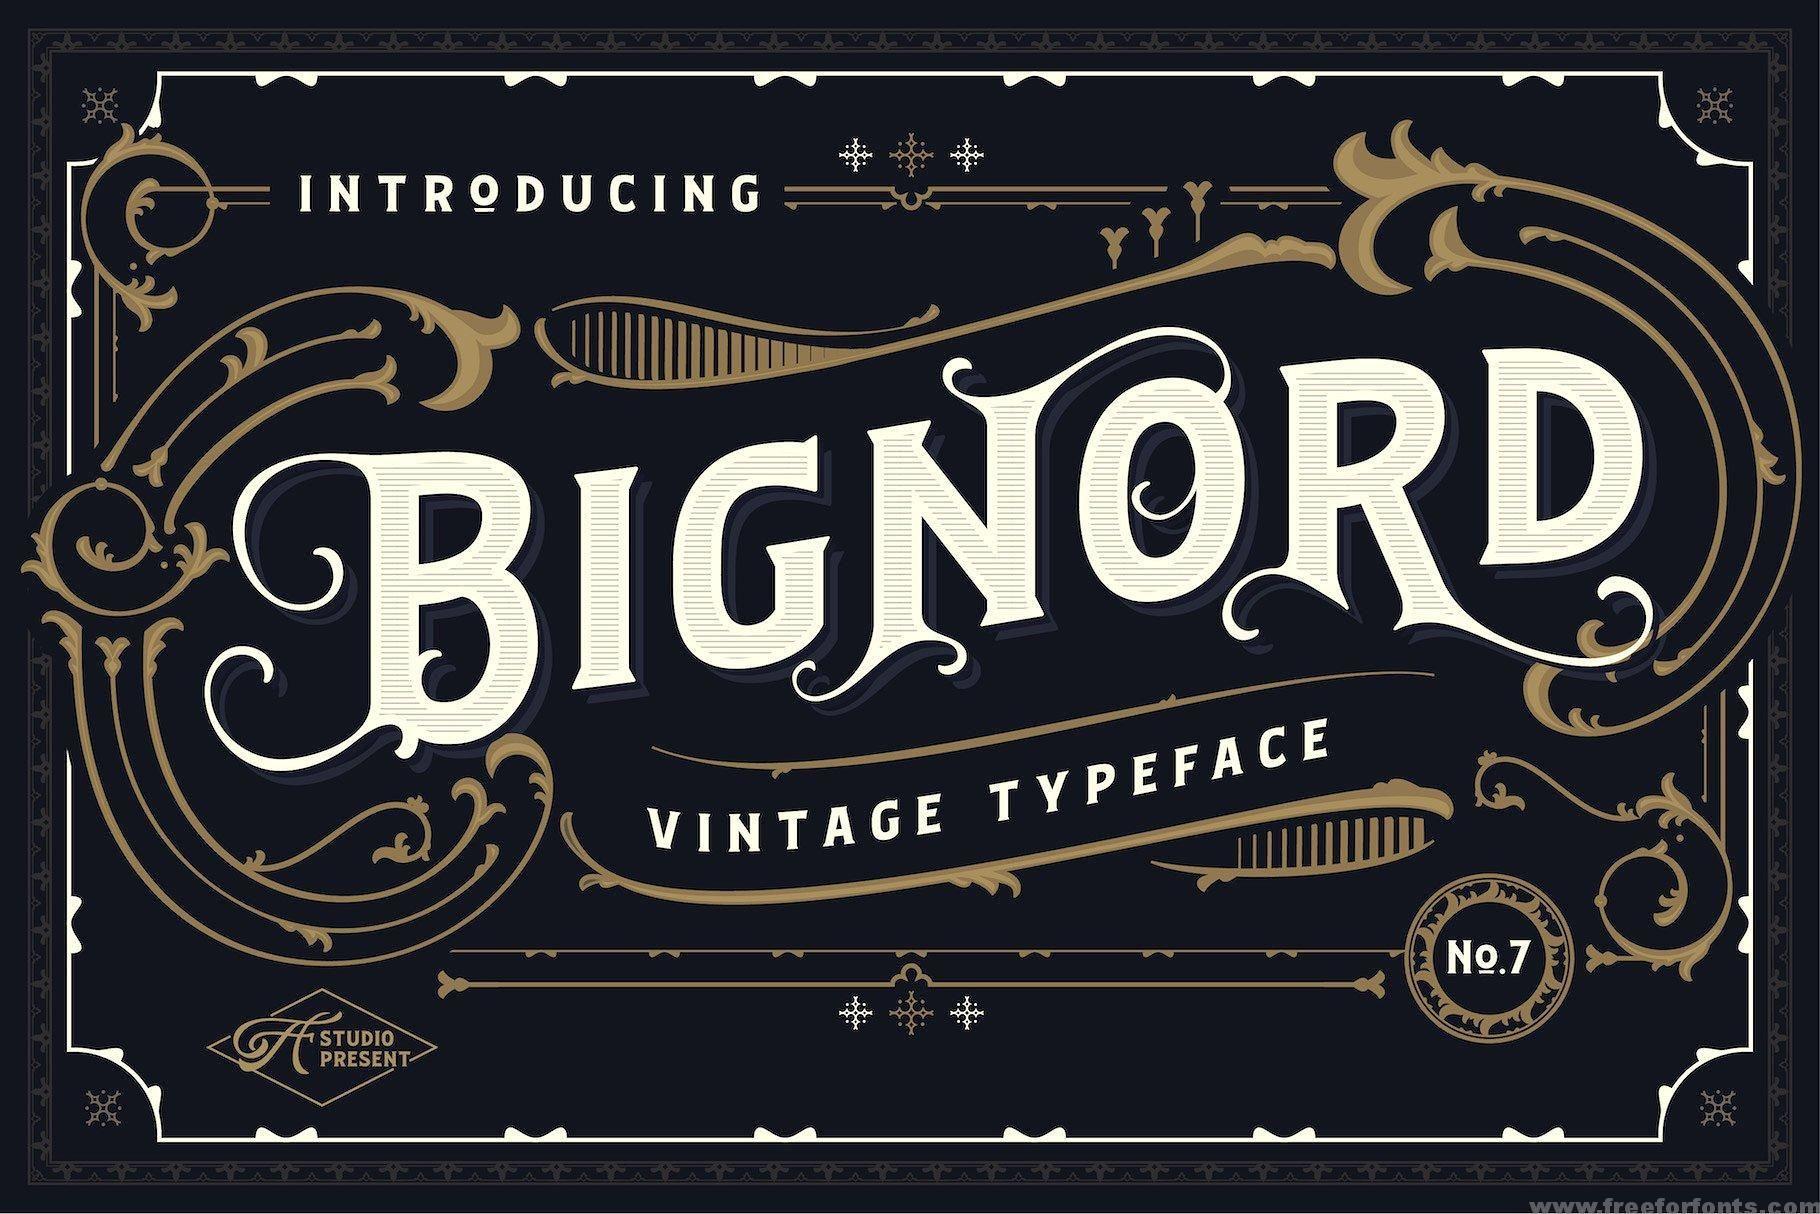 Bignord Vintage Font Free Download Free For Fonts Vintage Fonts Vintage Fonts Free New Fonts